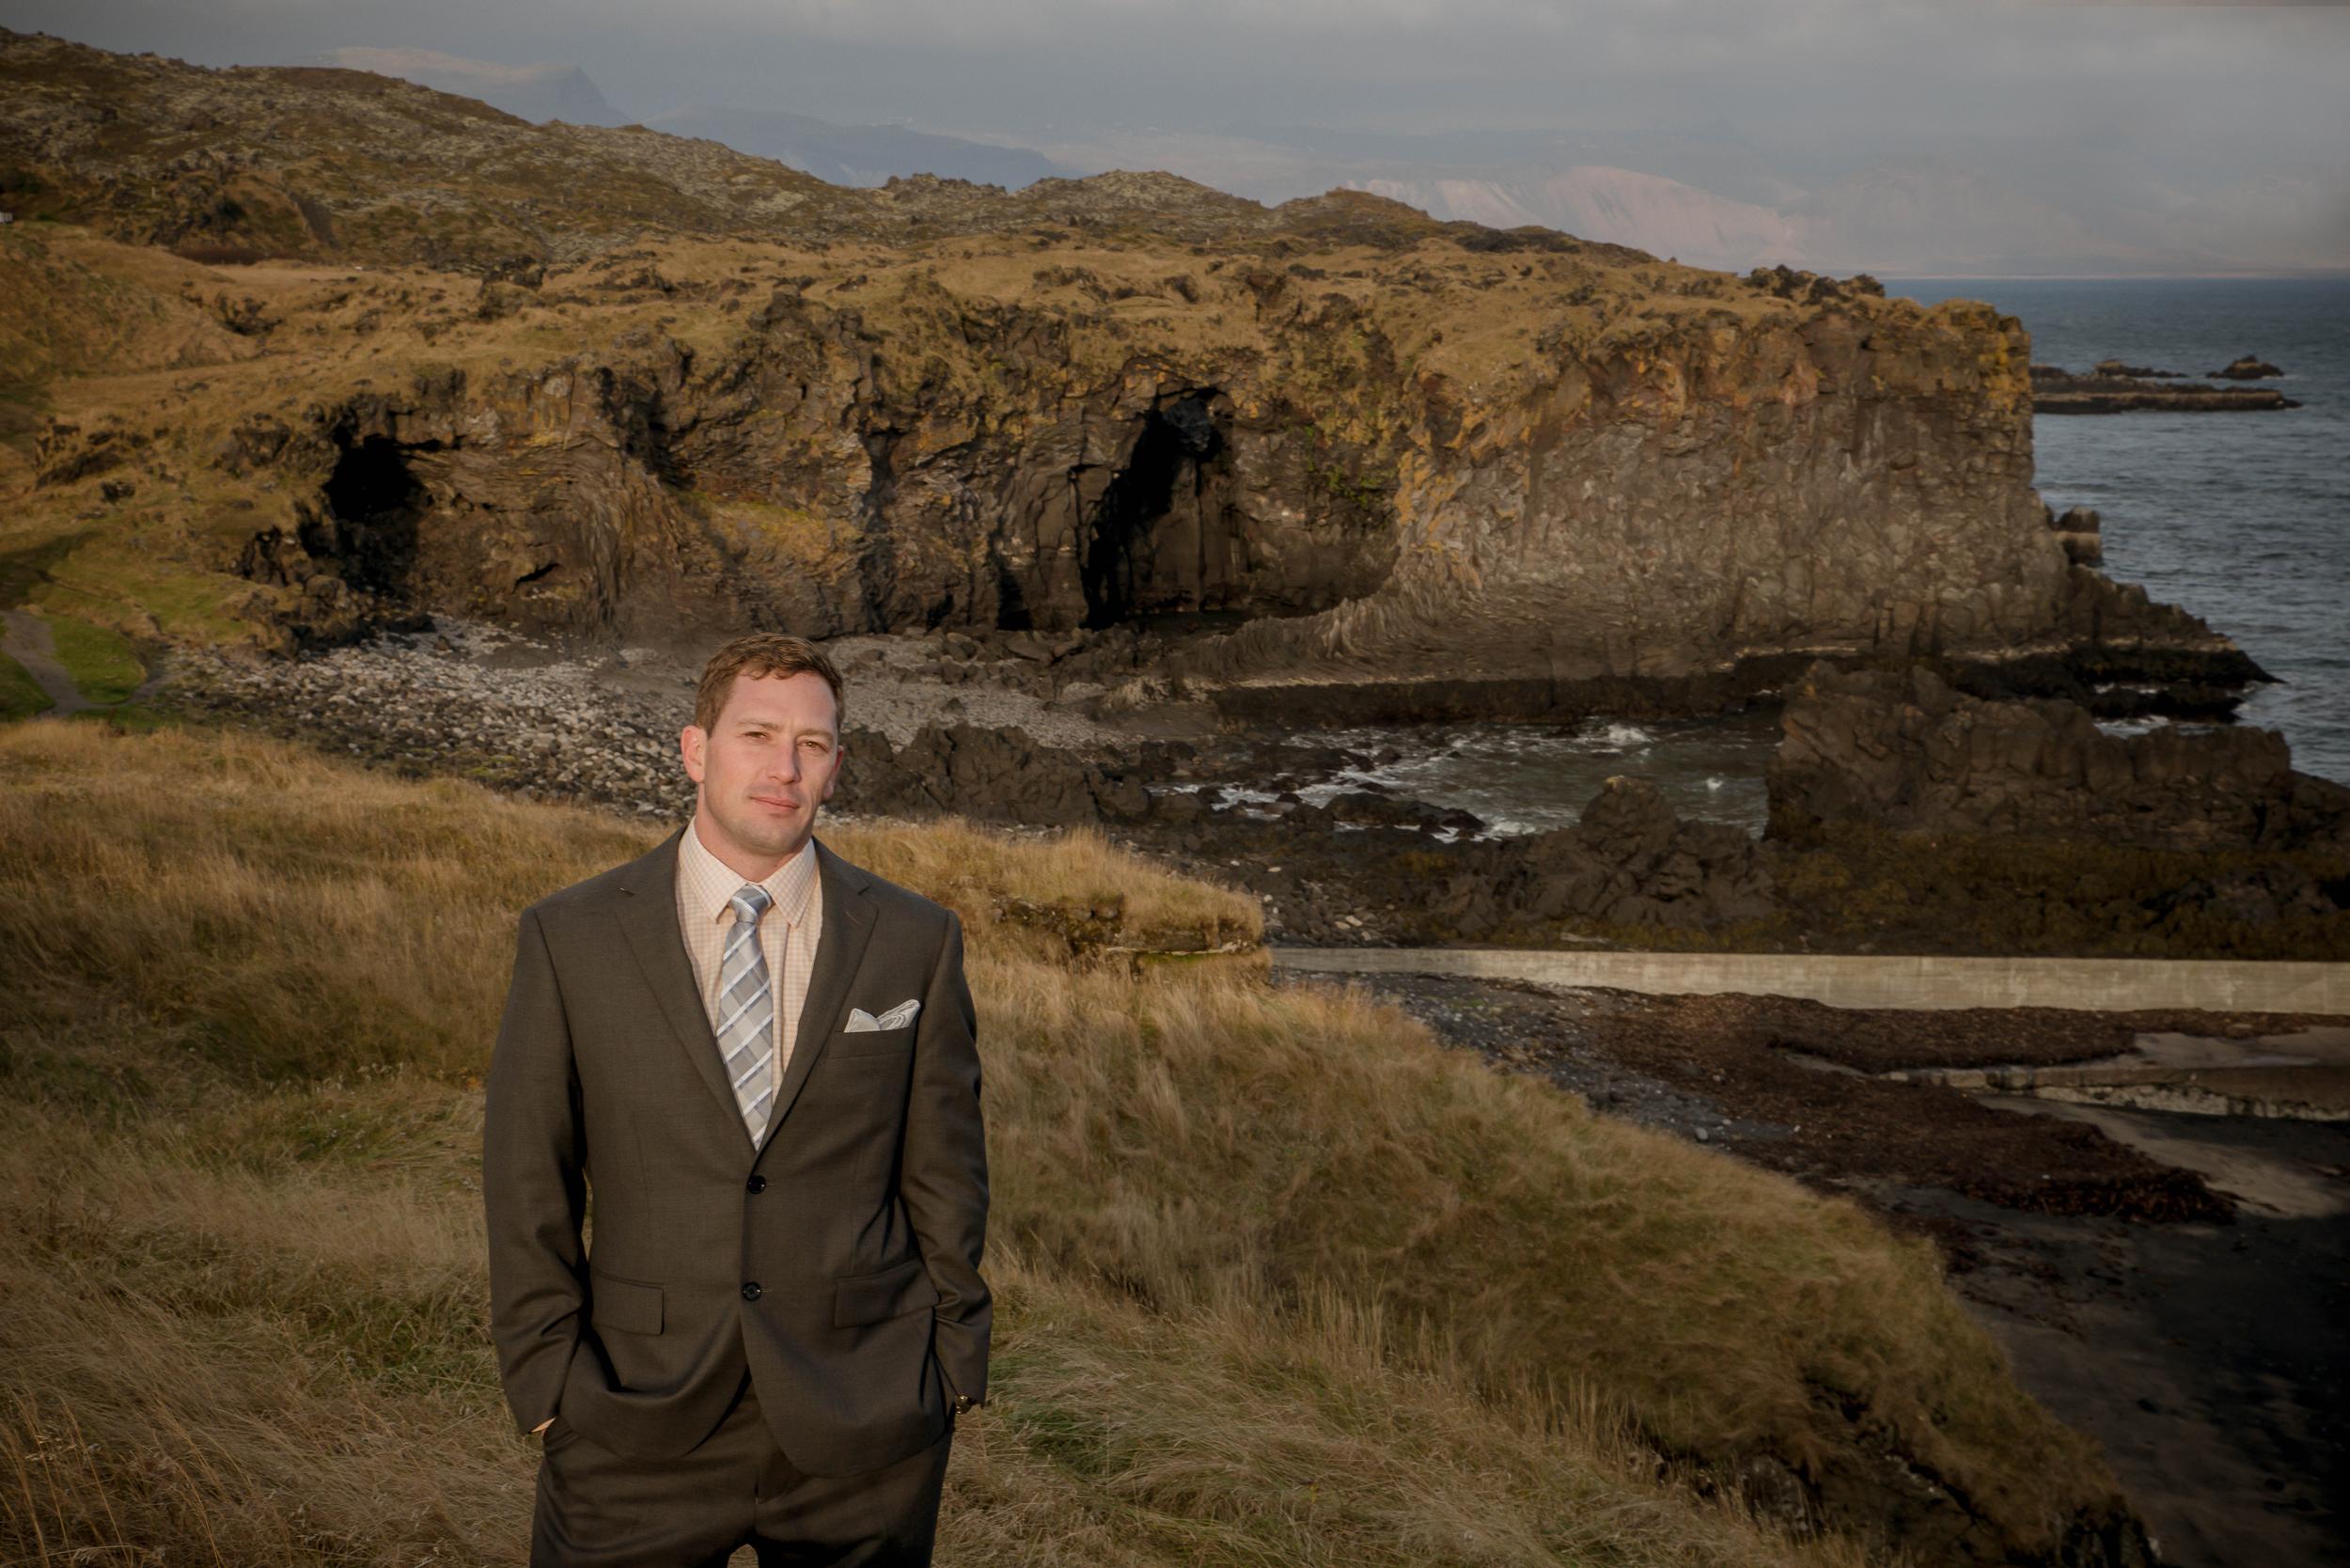 Iceland-Wedding-Photographer-Photos-by-Miss-Ann-36.jpg